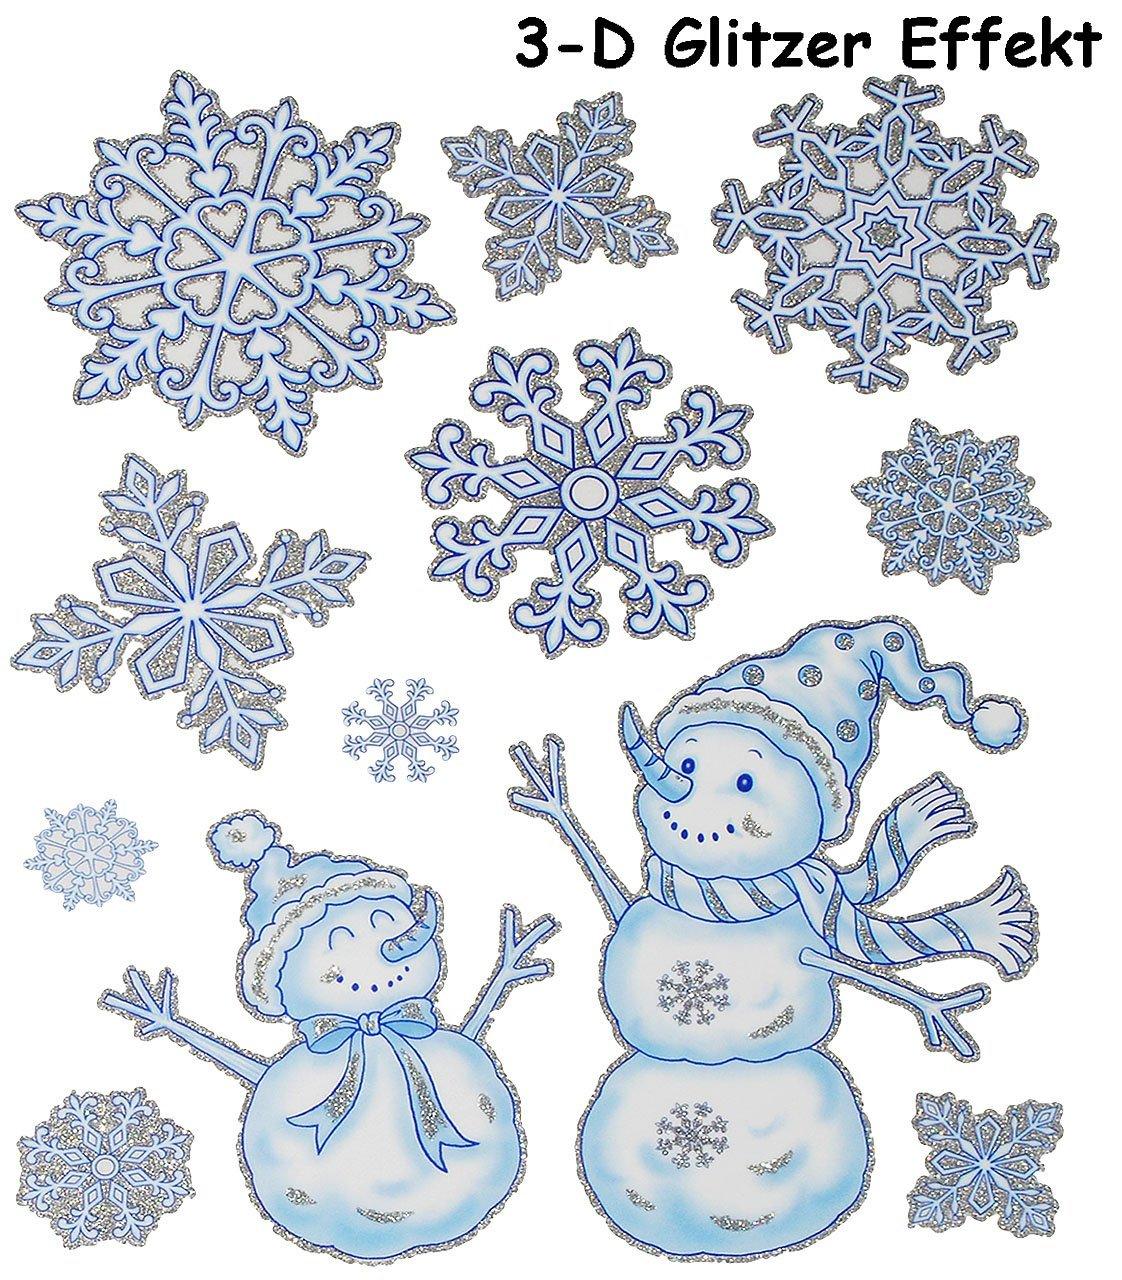 alles-meine.de GmbH 1 Bogen: statisch haftende Fensterbilder Weihnachtsmann // Christbaumkugeln // Nu/ßknacker wiederverwendbar.. nostalgische Weihnachten mit Glitzer Effekt